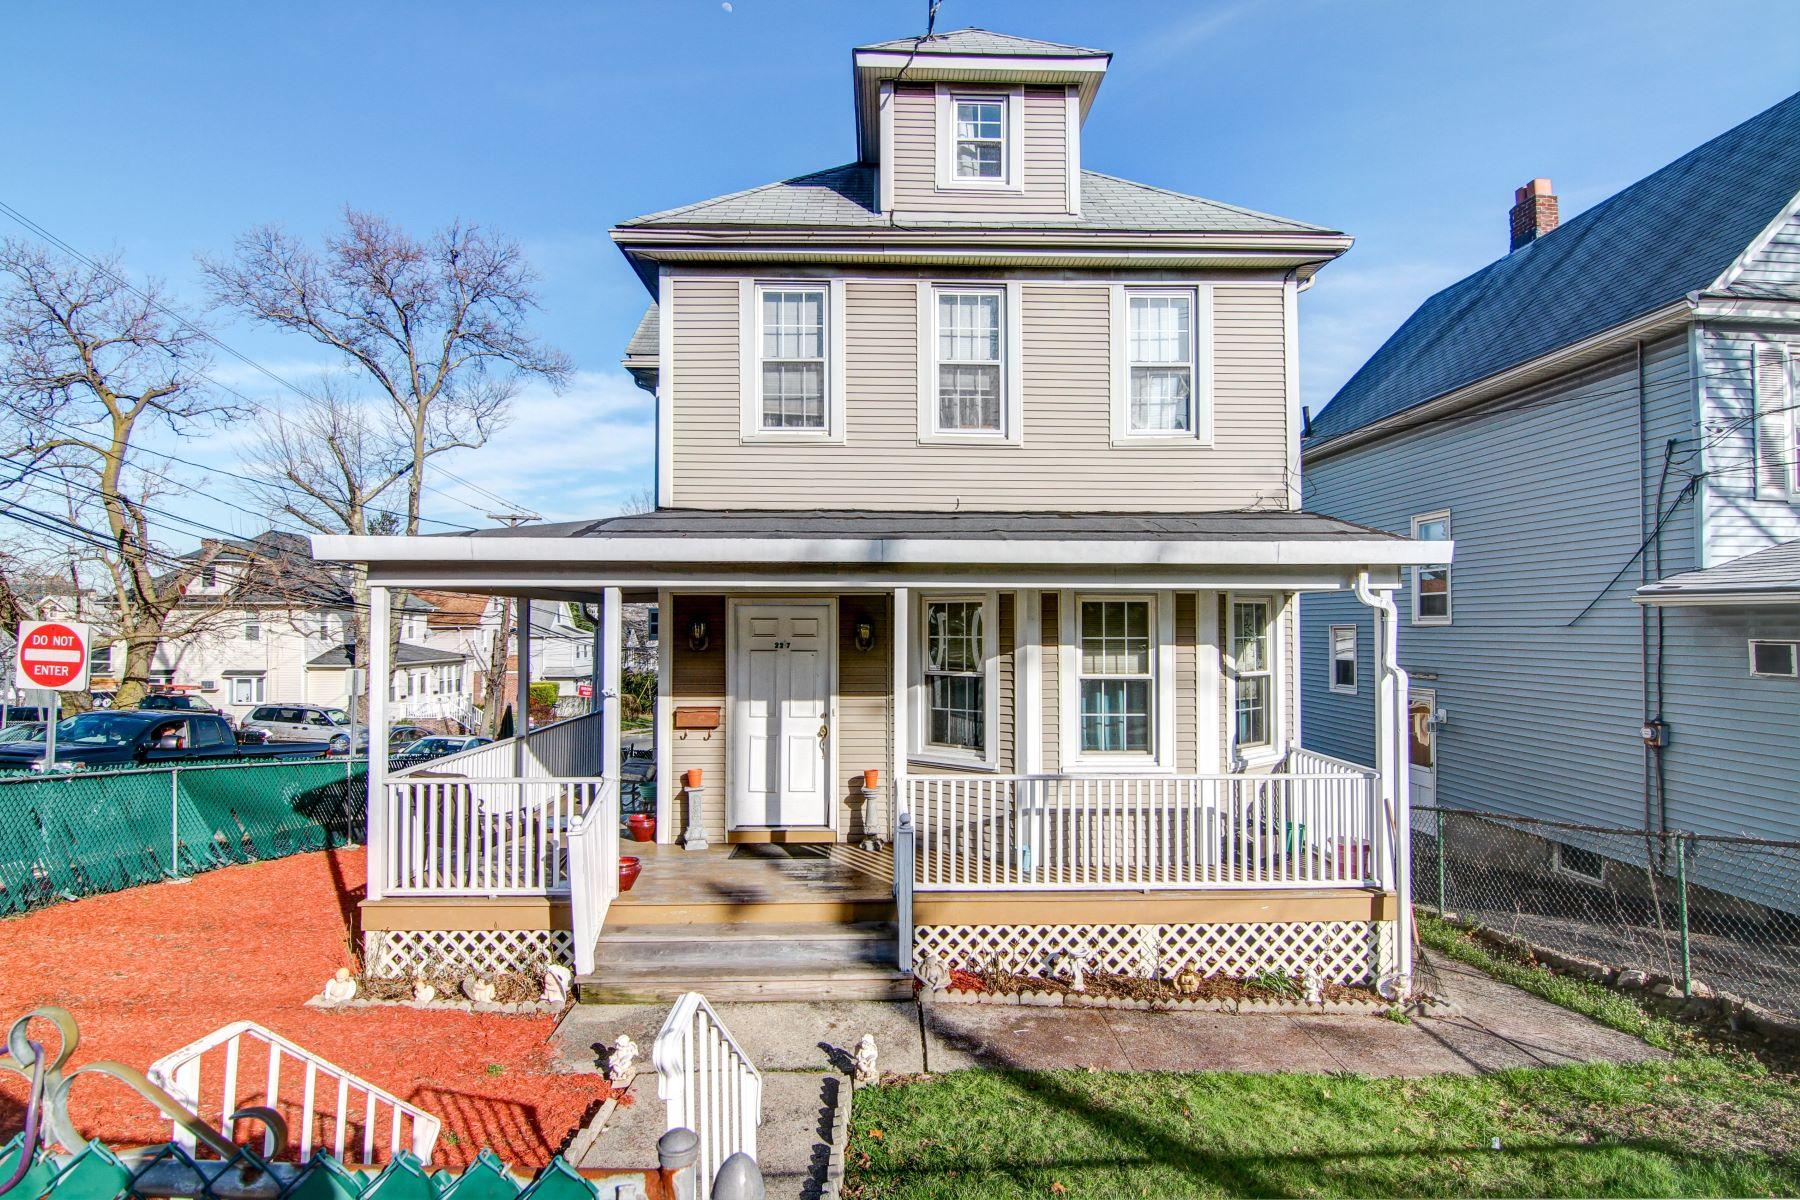 Частный односемейный дом для того Продажа на Charming Colonial Home 227 Teaneck Road Ridgefield Park, Нью-Джерси 07660 Соединенные Штаты